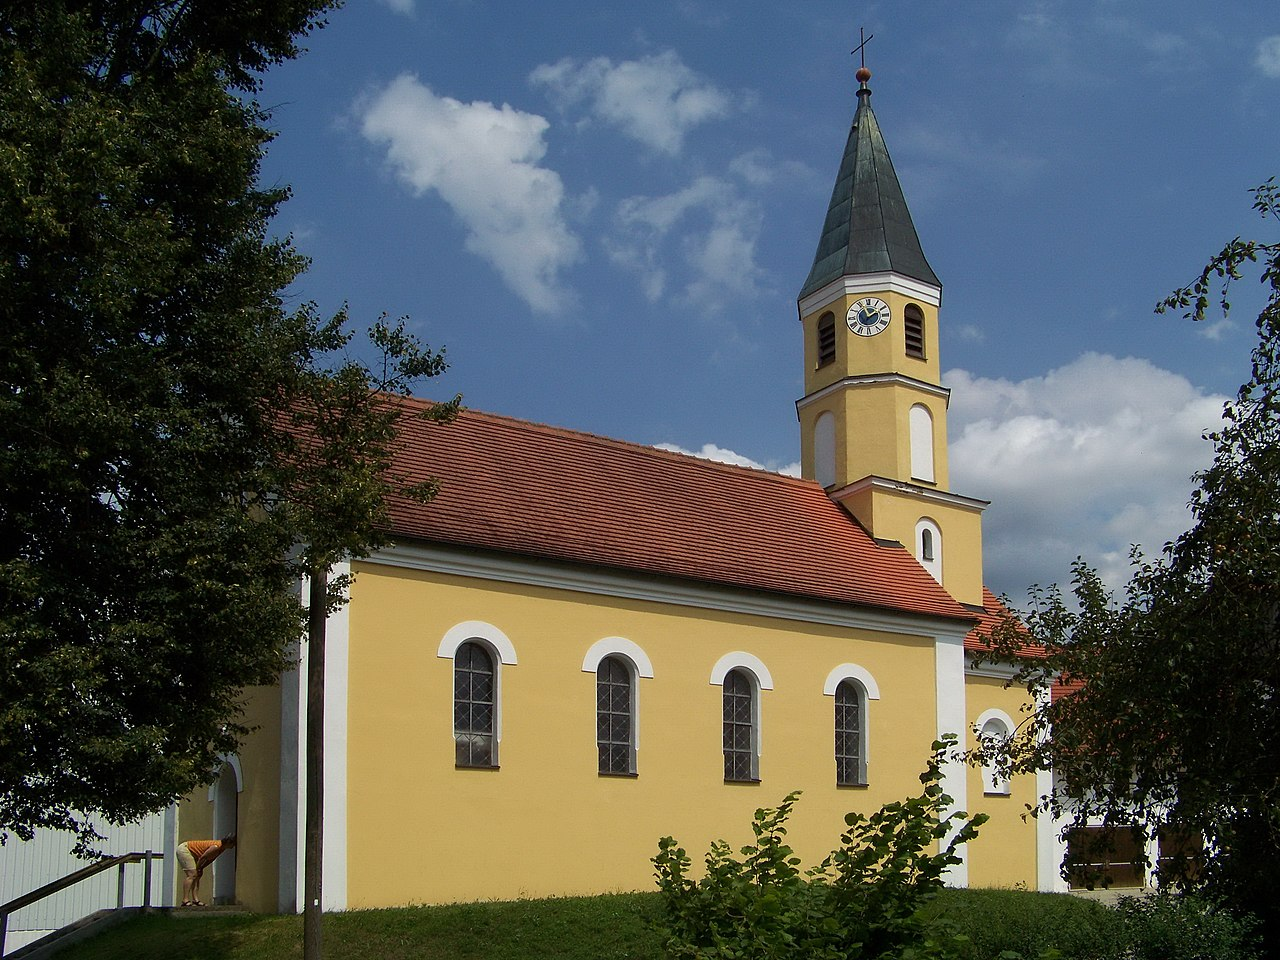 Aiglsbach